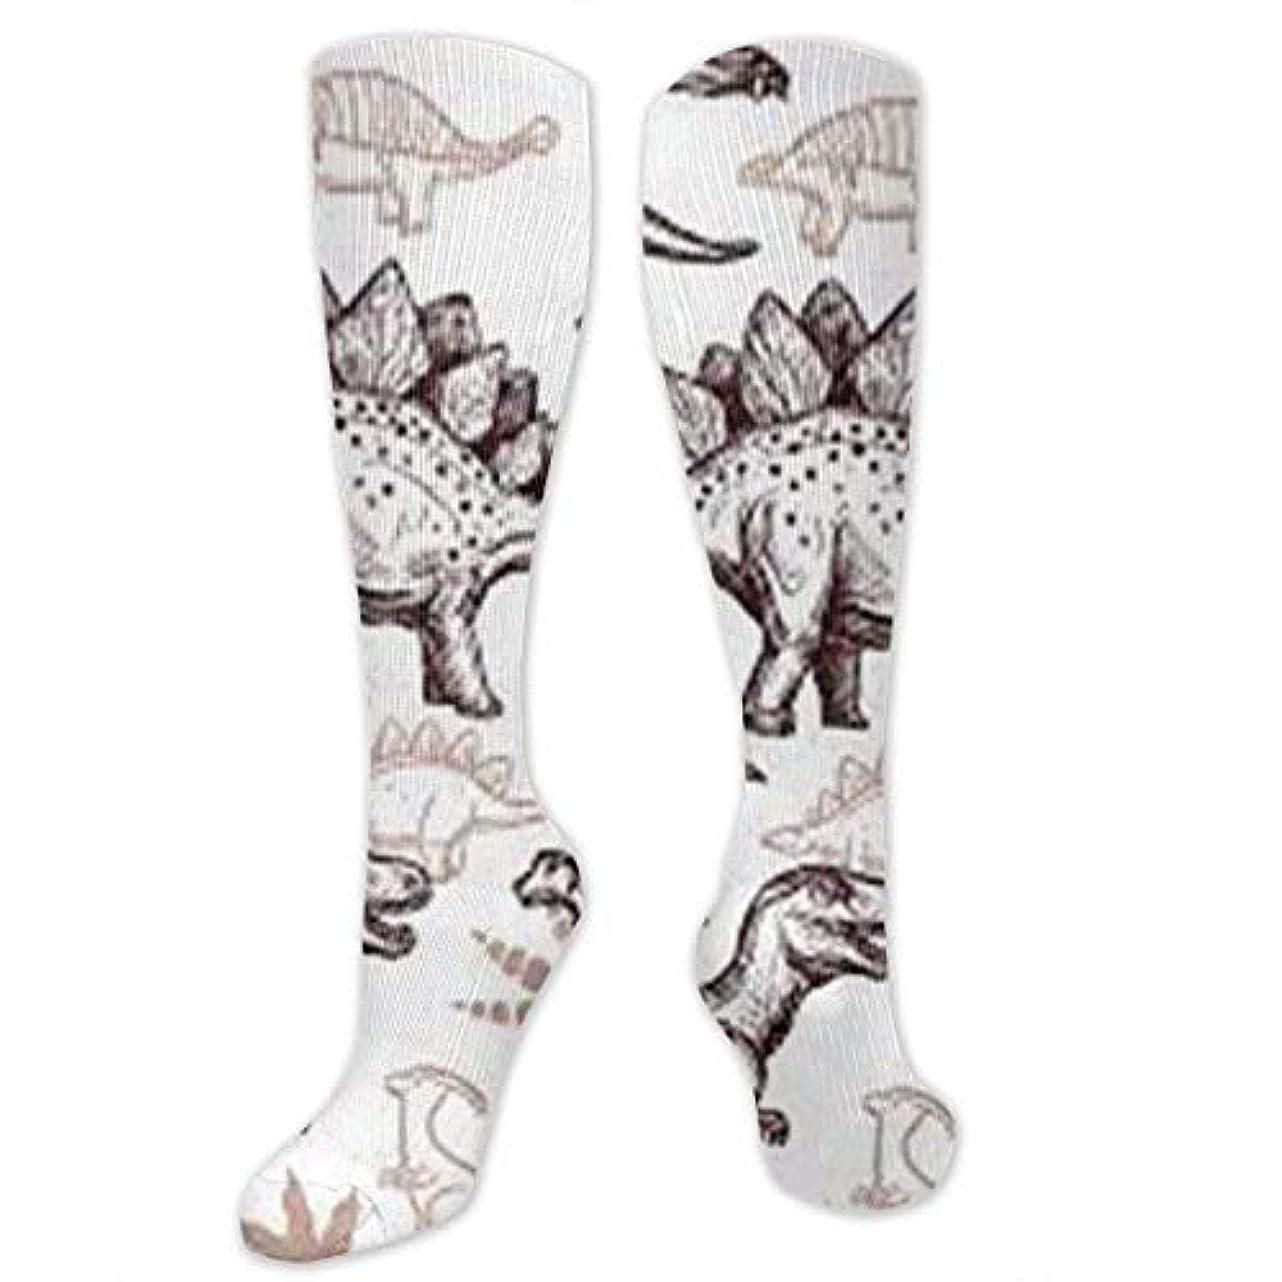 迷惑赤外線スタウト靴下,ストッキング,野生のジョーカー,実際,秋の本質,冬必須,サマーウェア&RBXAA Dinosaurs Footprint Socks Women's Winter Cotton Long Tube Socks Knee...